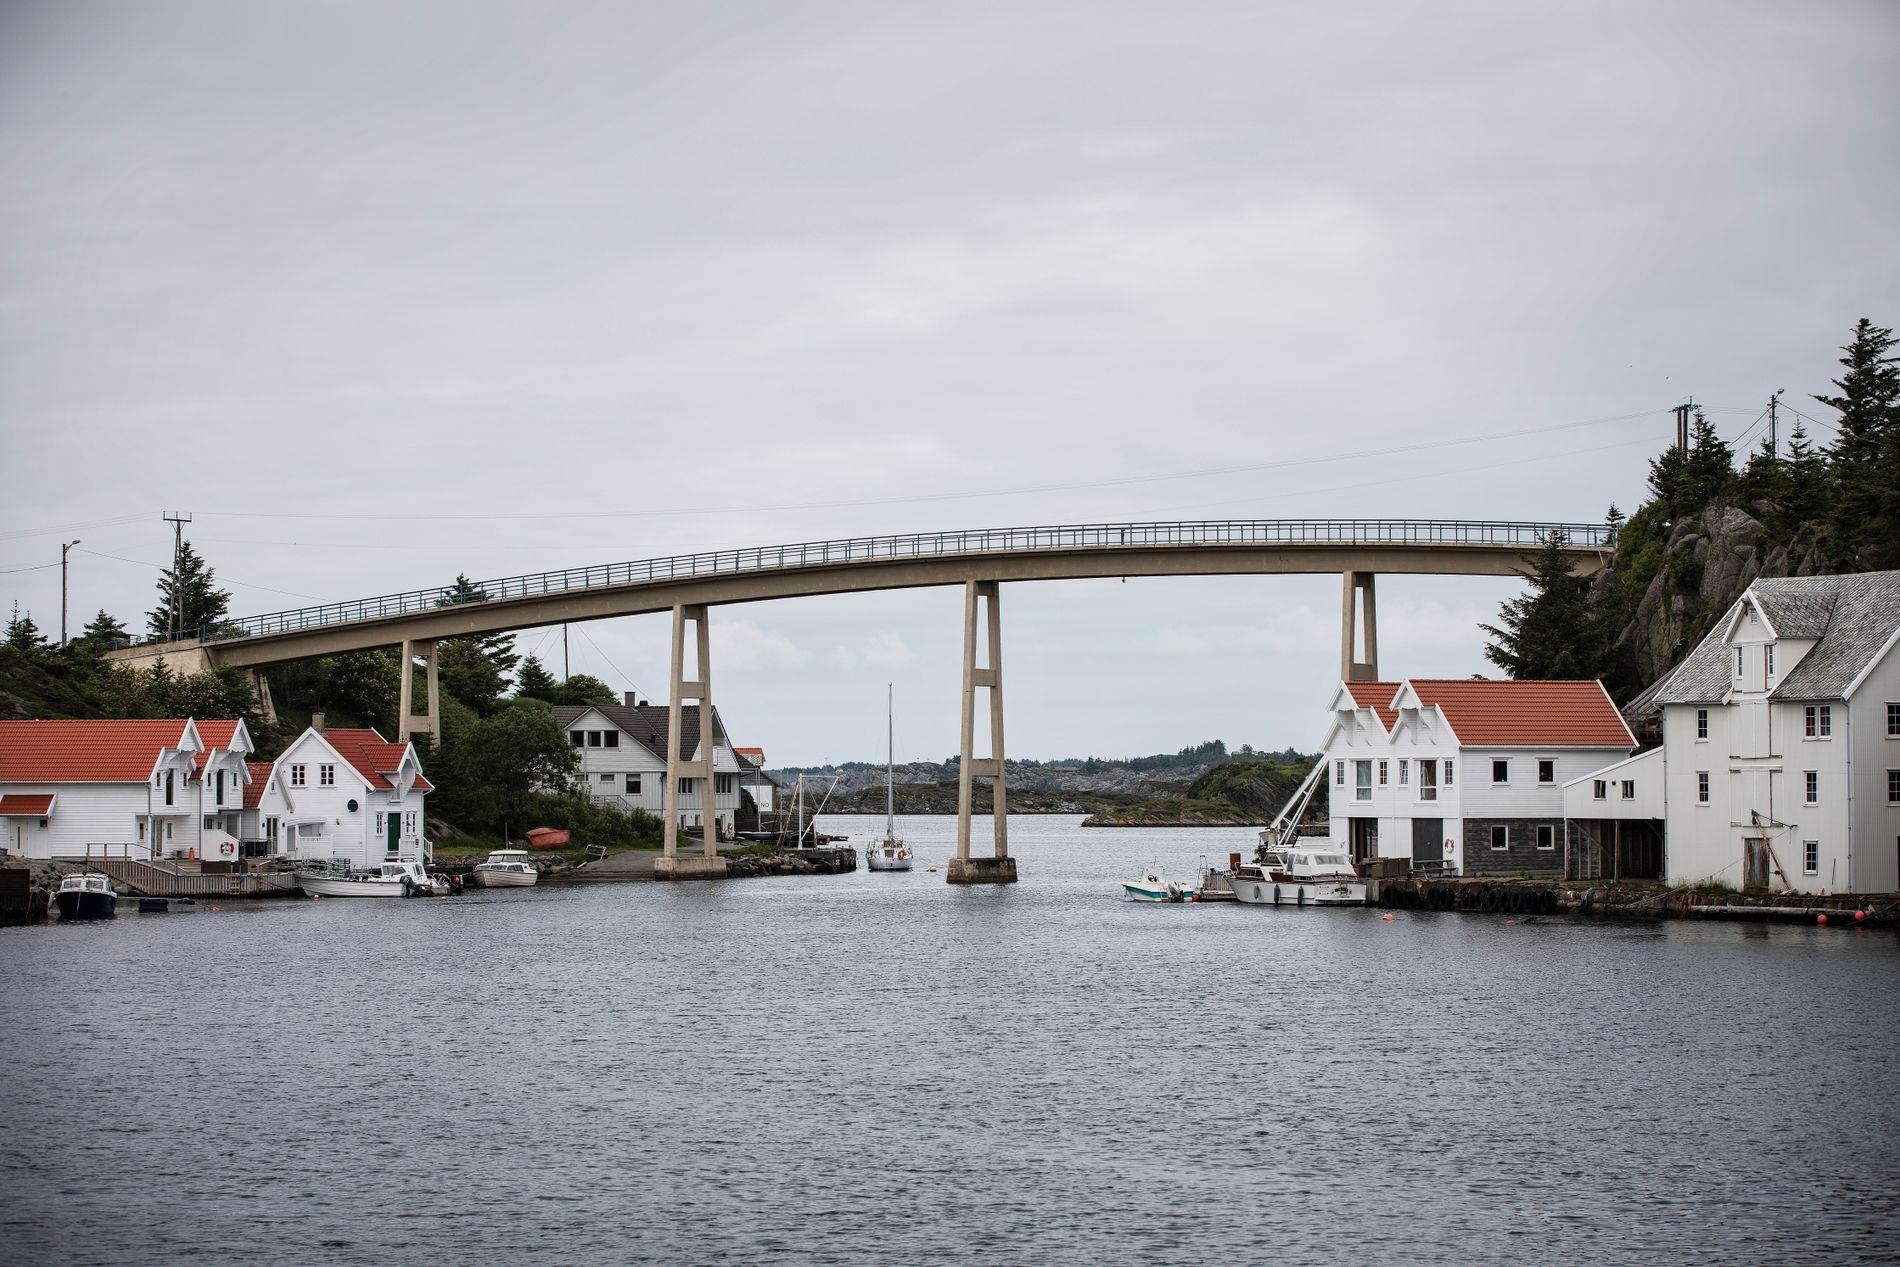 «NYTTÅRSINSPEKSJON»:Broen Salvøy på Karmøy i Rogaland ble også sist sjekket på nyttårsaften i fjor, ifølge Vegvesenets register. Også dette er feil. Foto: Jørgen Braastad